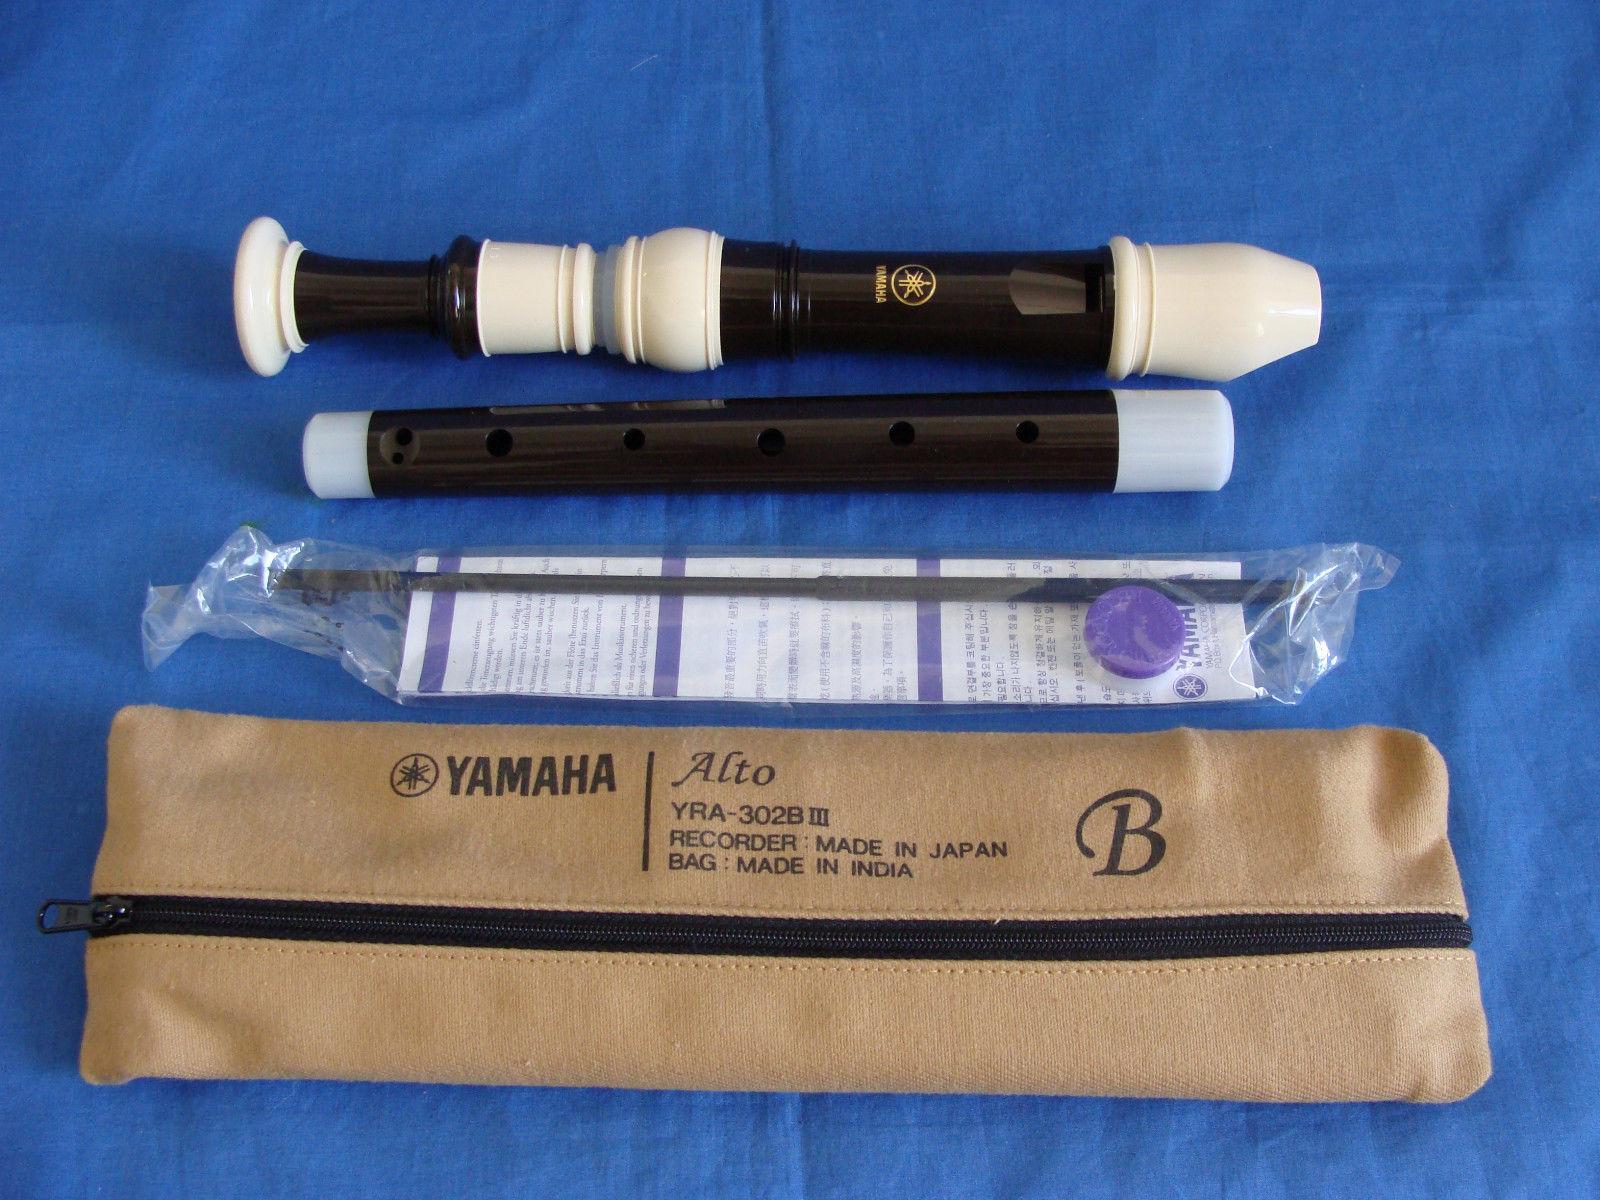 Yamaha YRA-302B Treble Recorder